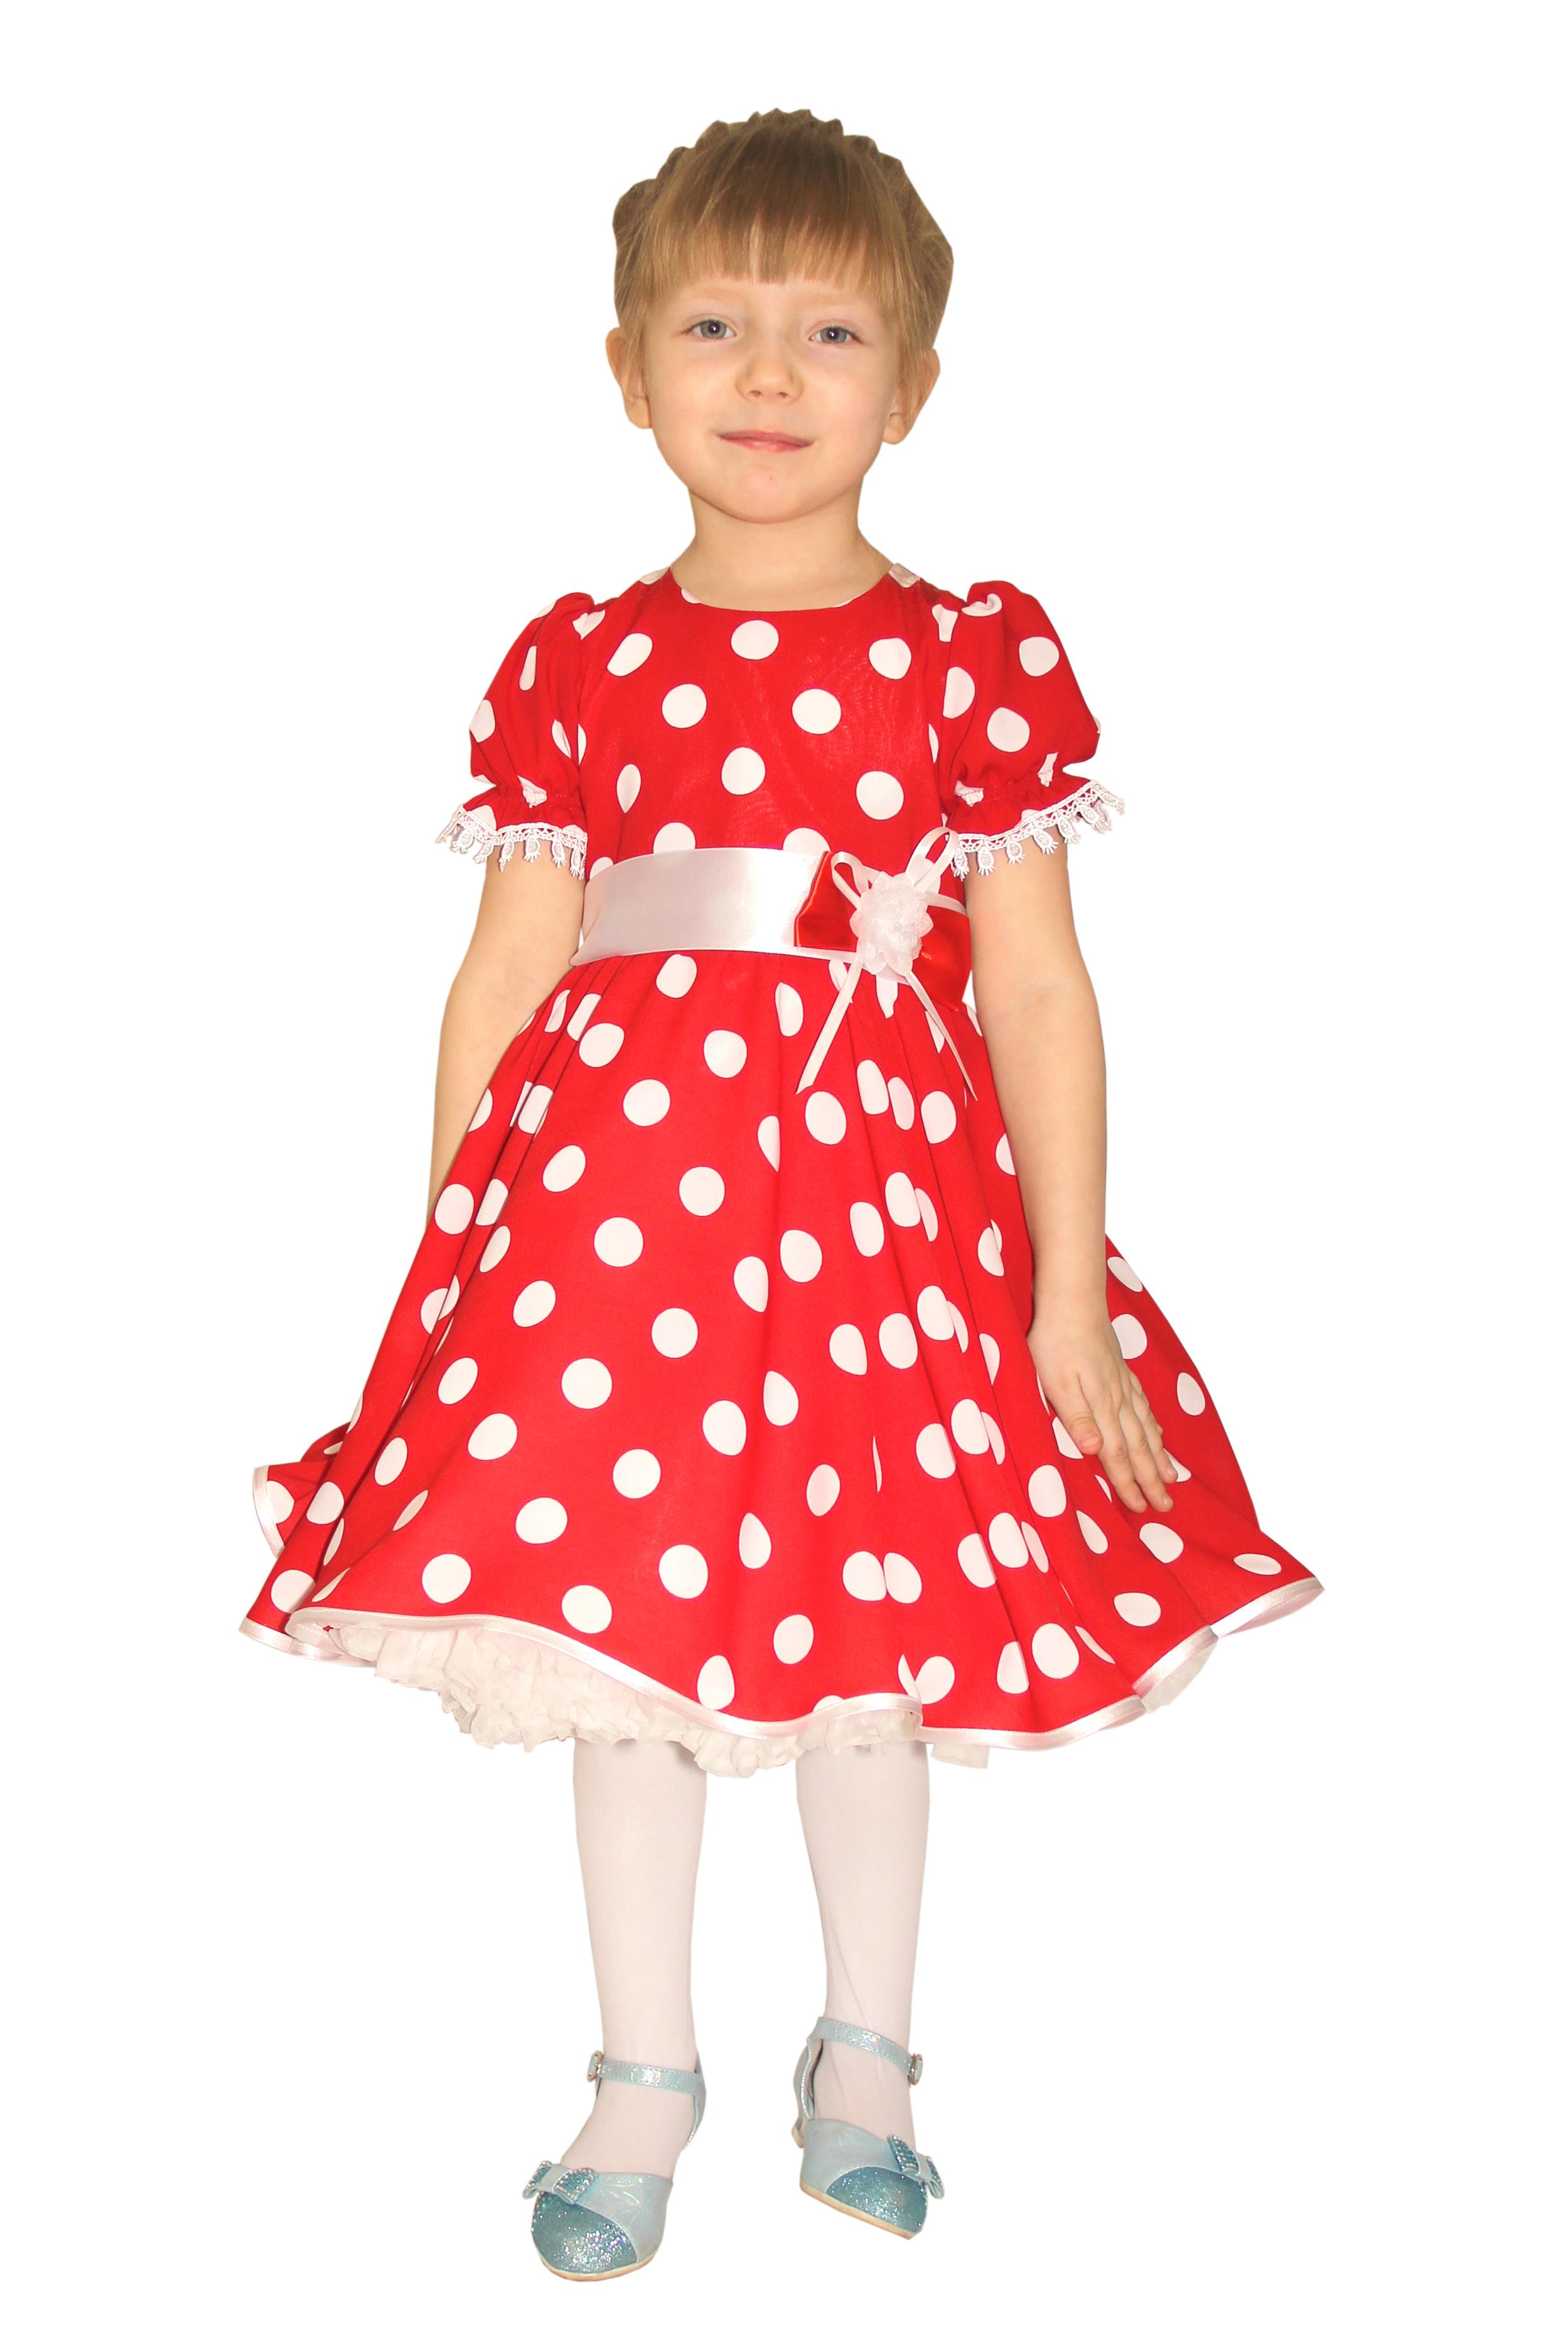 М0дные @нгел0чки - нарядная и повседневная одежда для наших деток, так же школьный ассортимент, ясельный, немного верхней одежды по очень интересной цене